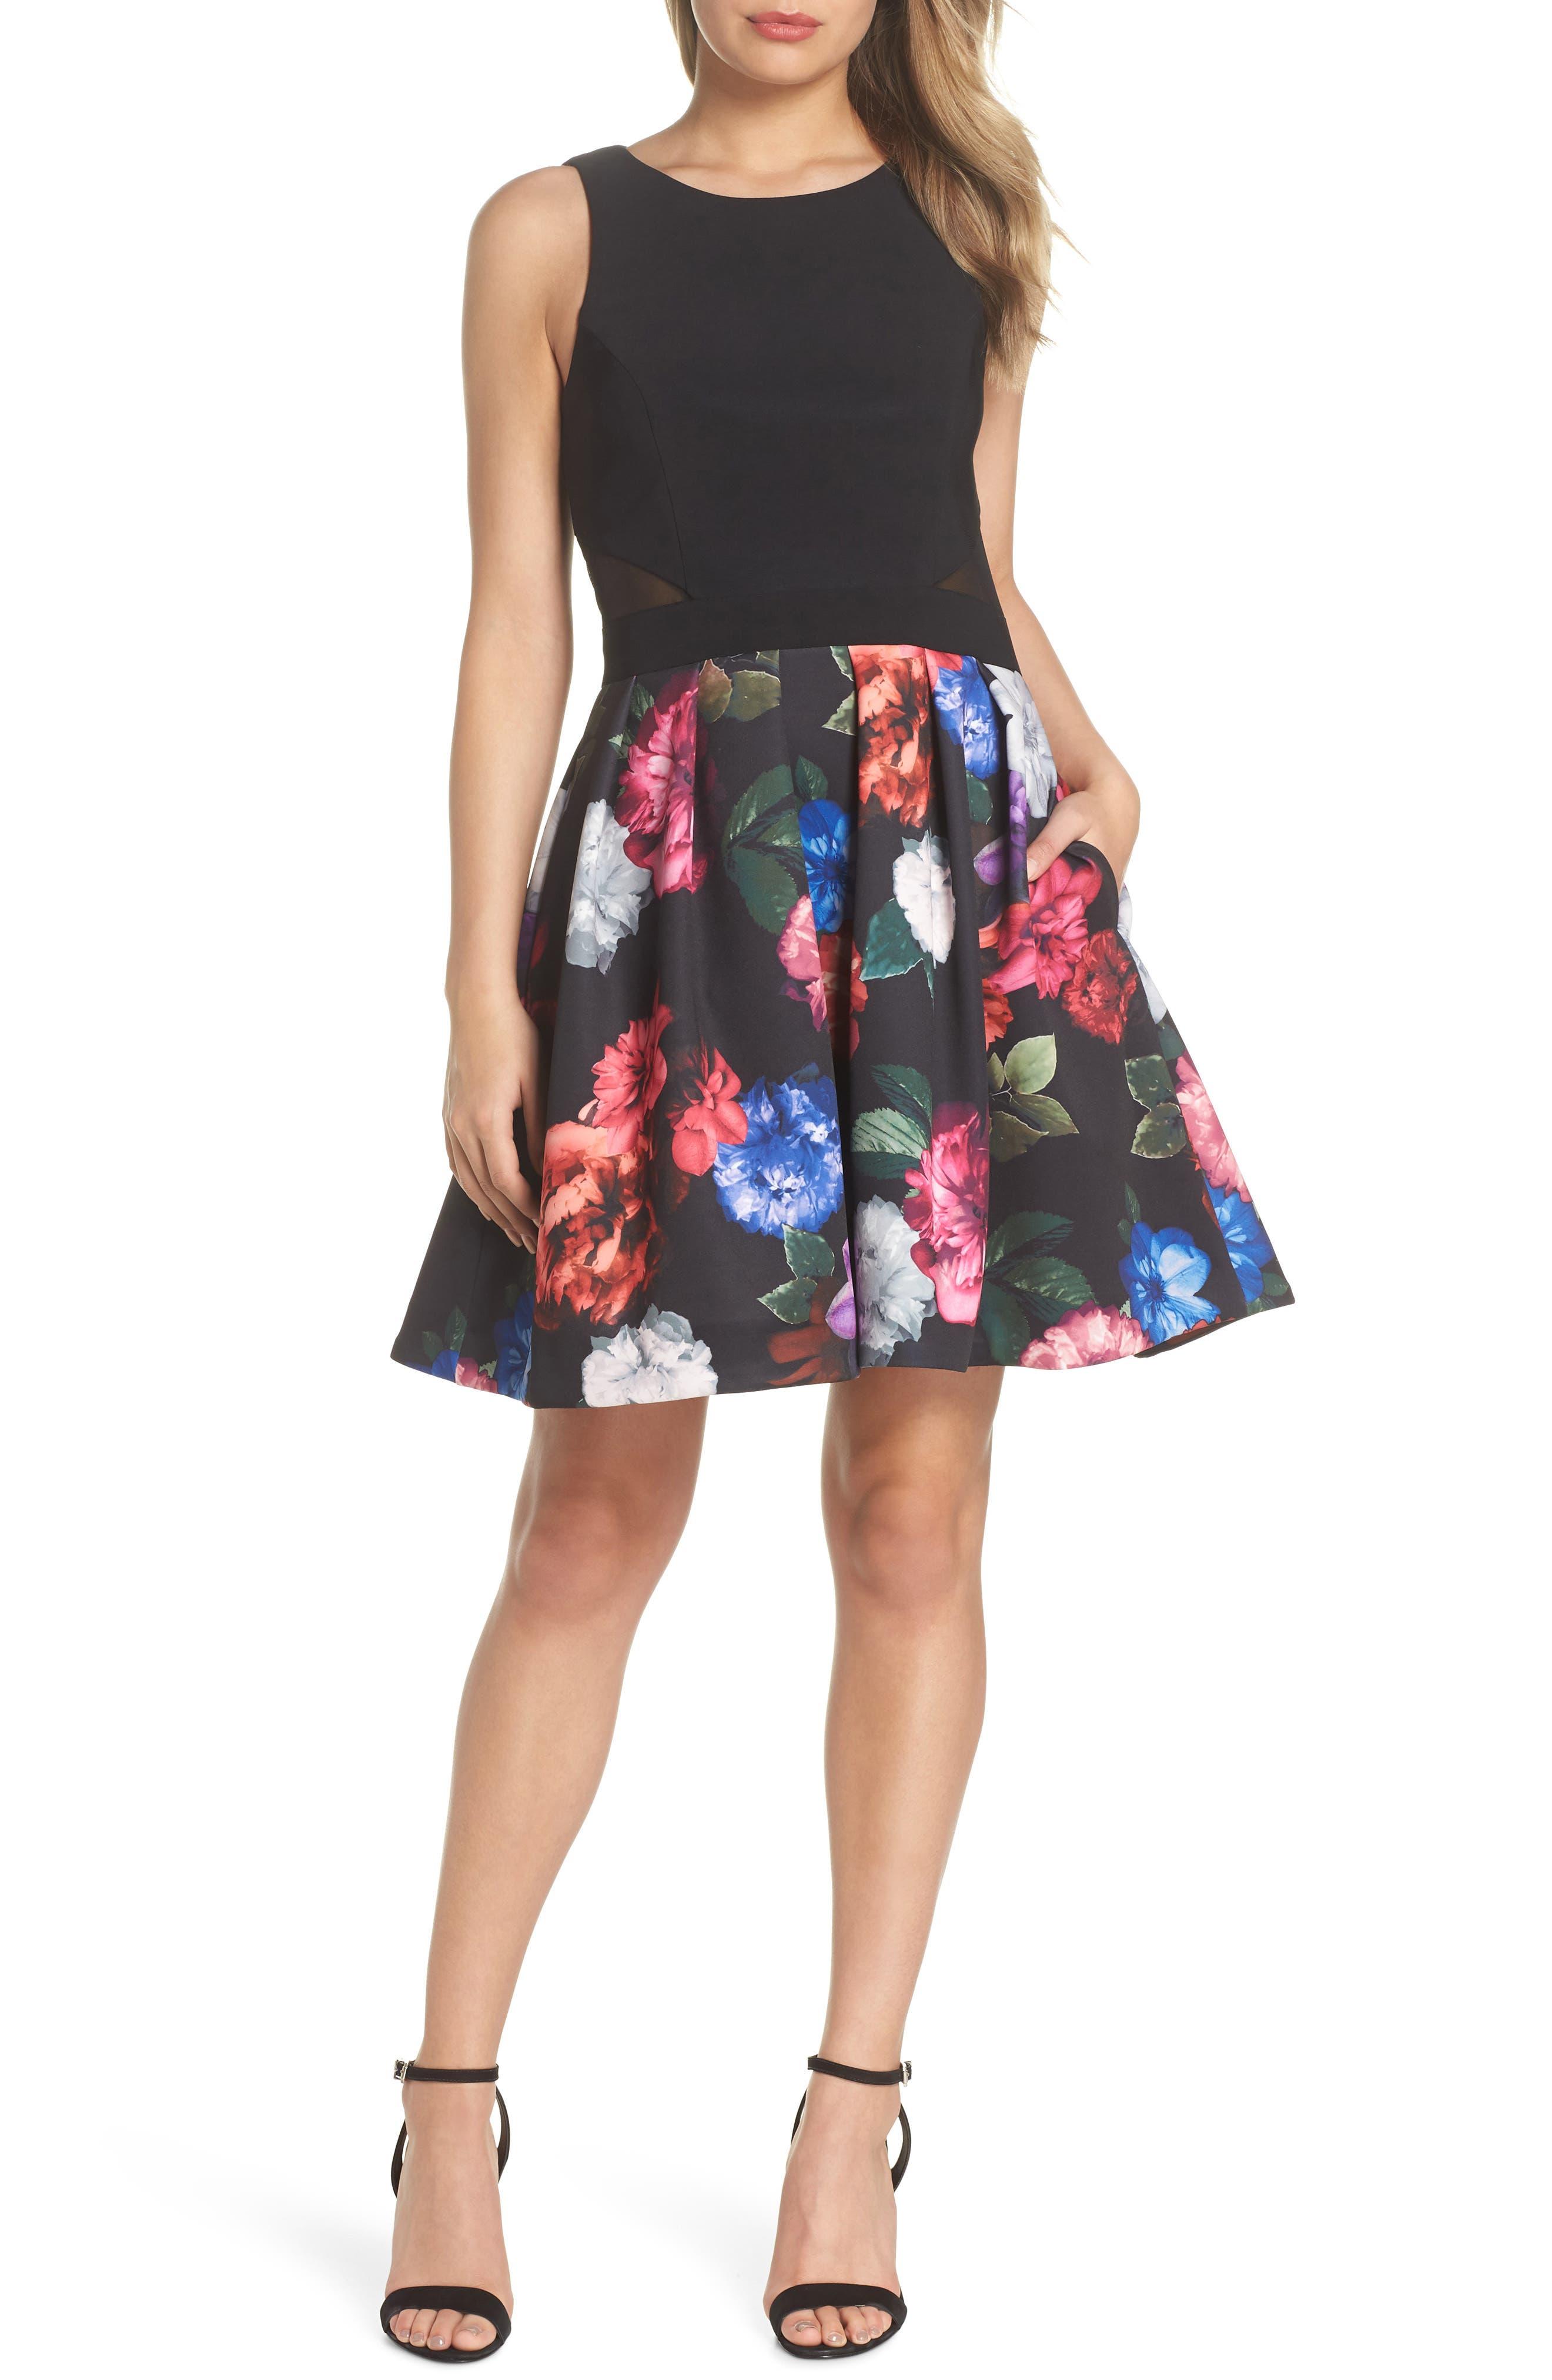 Floral Print Fit & Flare Dress,                             Main thumbnail 1, color,                             BLACK/ PURPLE